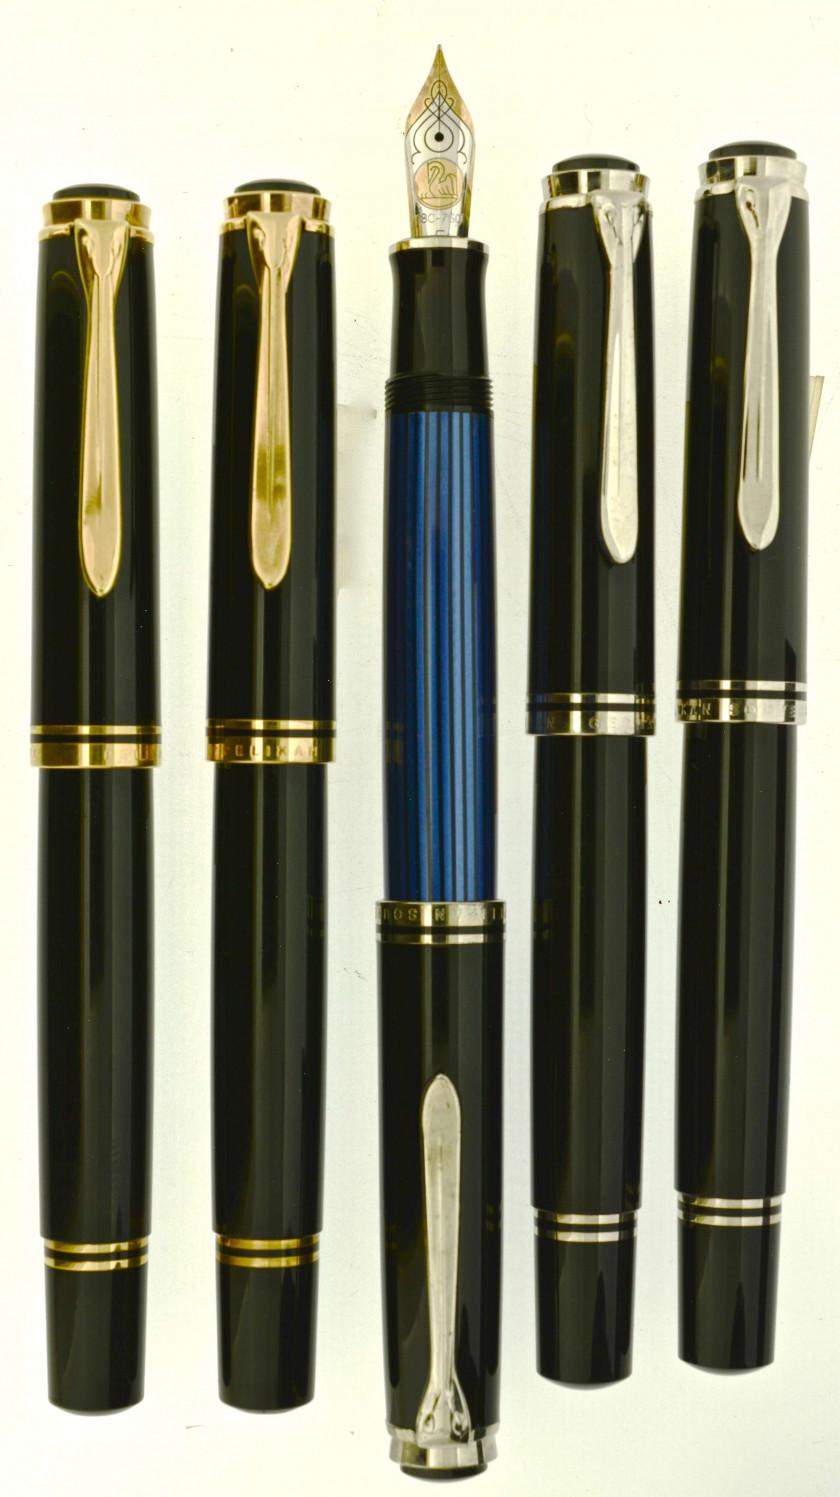 c971f29570b PELIKAN Lot de 5 stylos plume   deux M800 noir et or + deux M805 noir